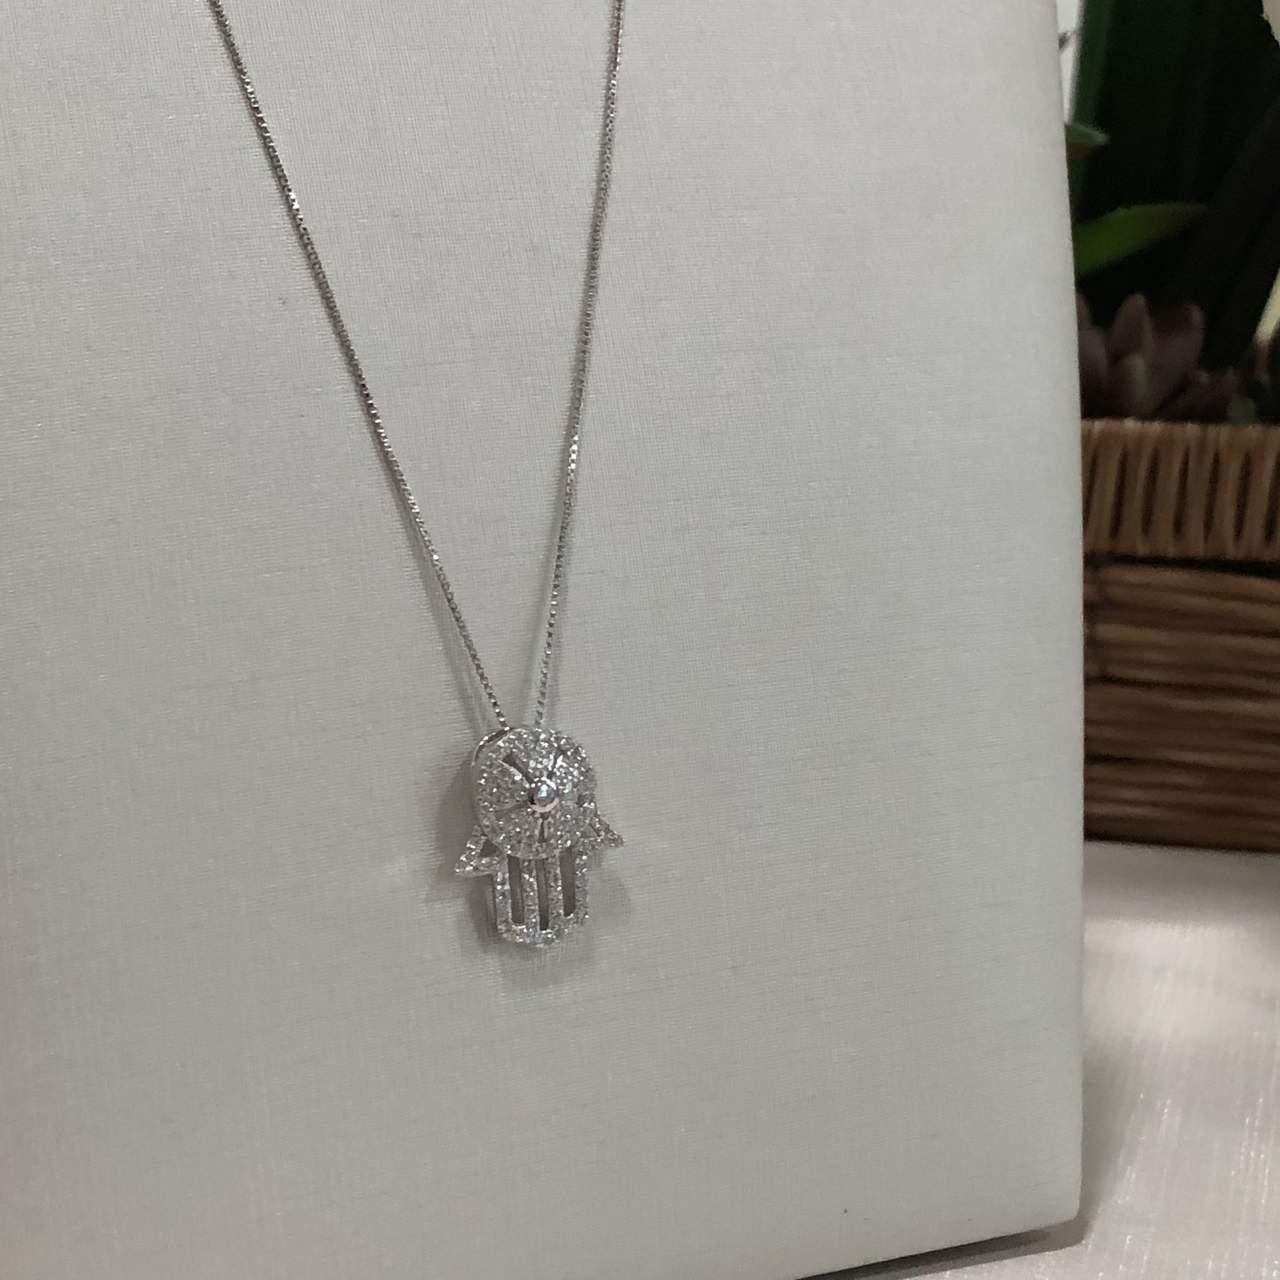 Colar de Prata 925 Mão de Fátima Cravejado Cristal